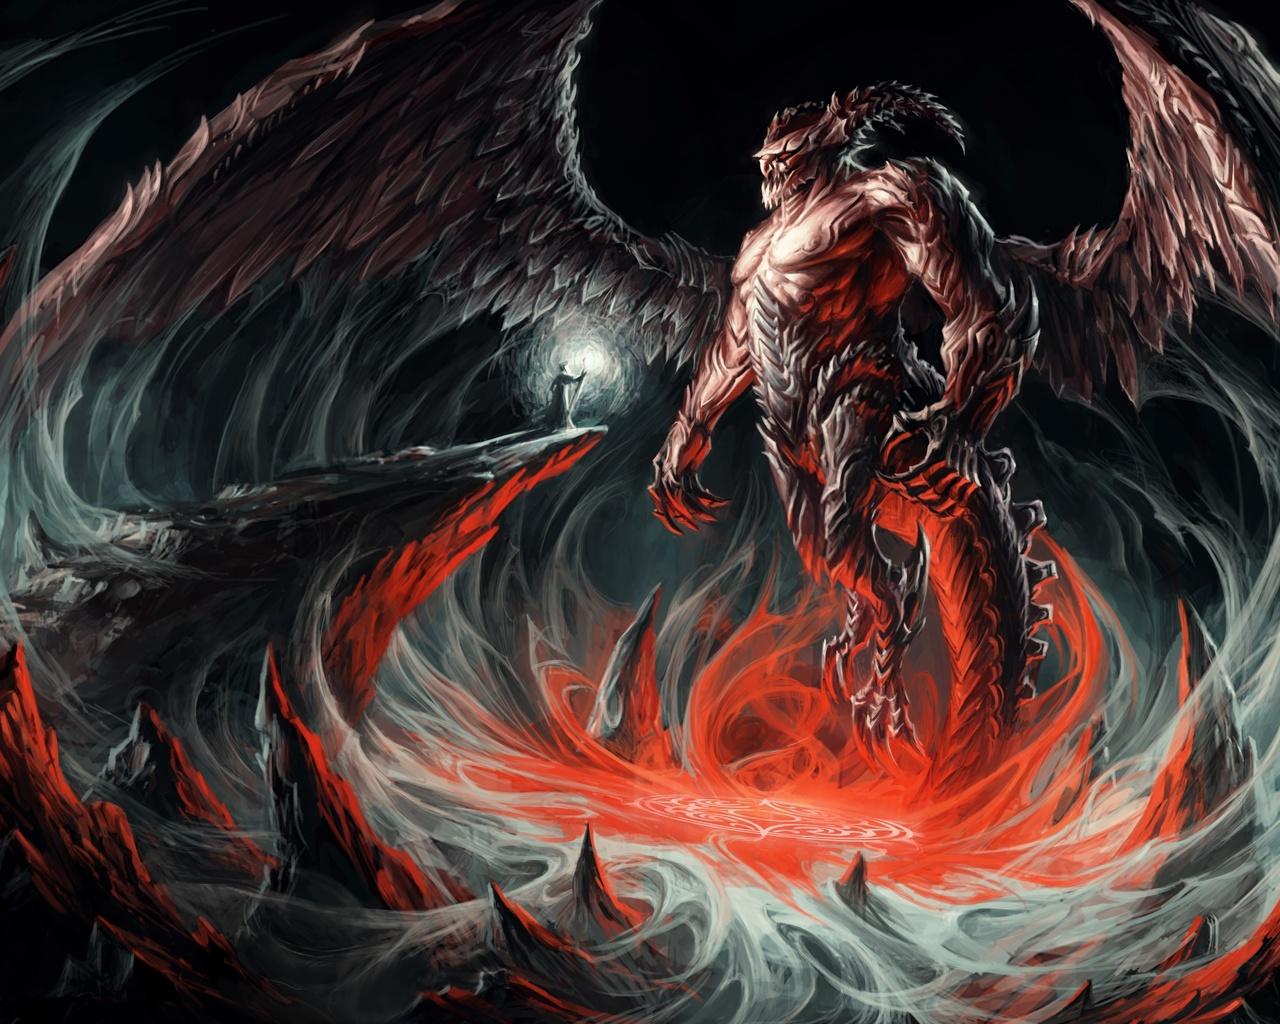 Картинки изображения дьявола